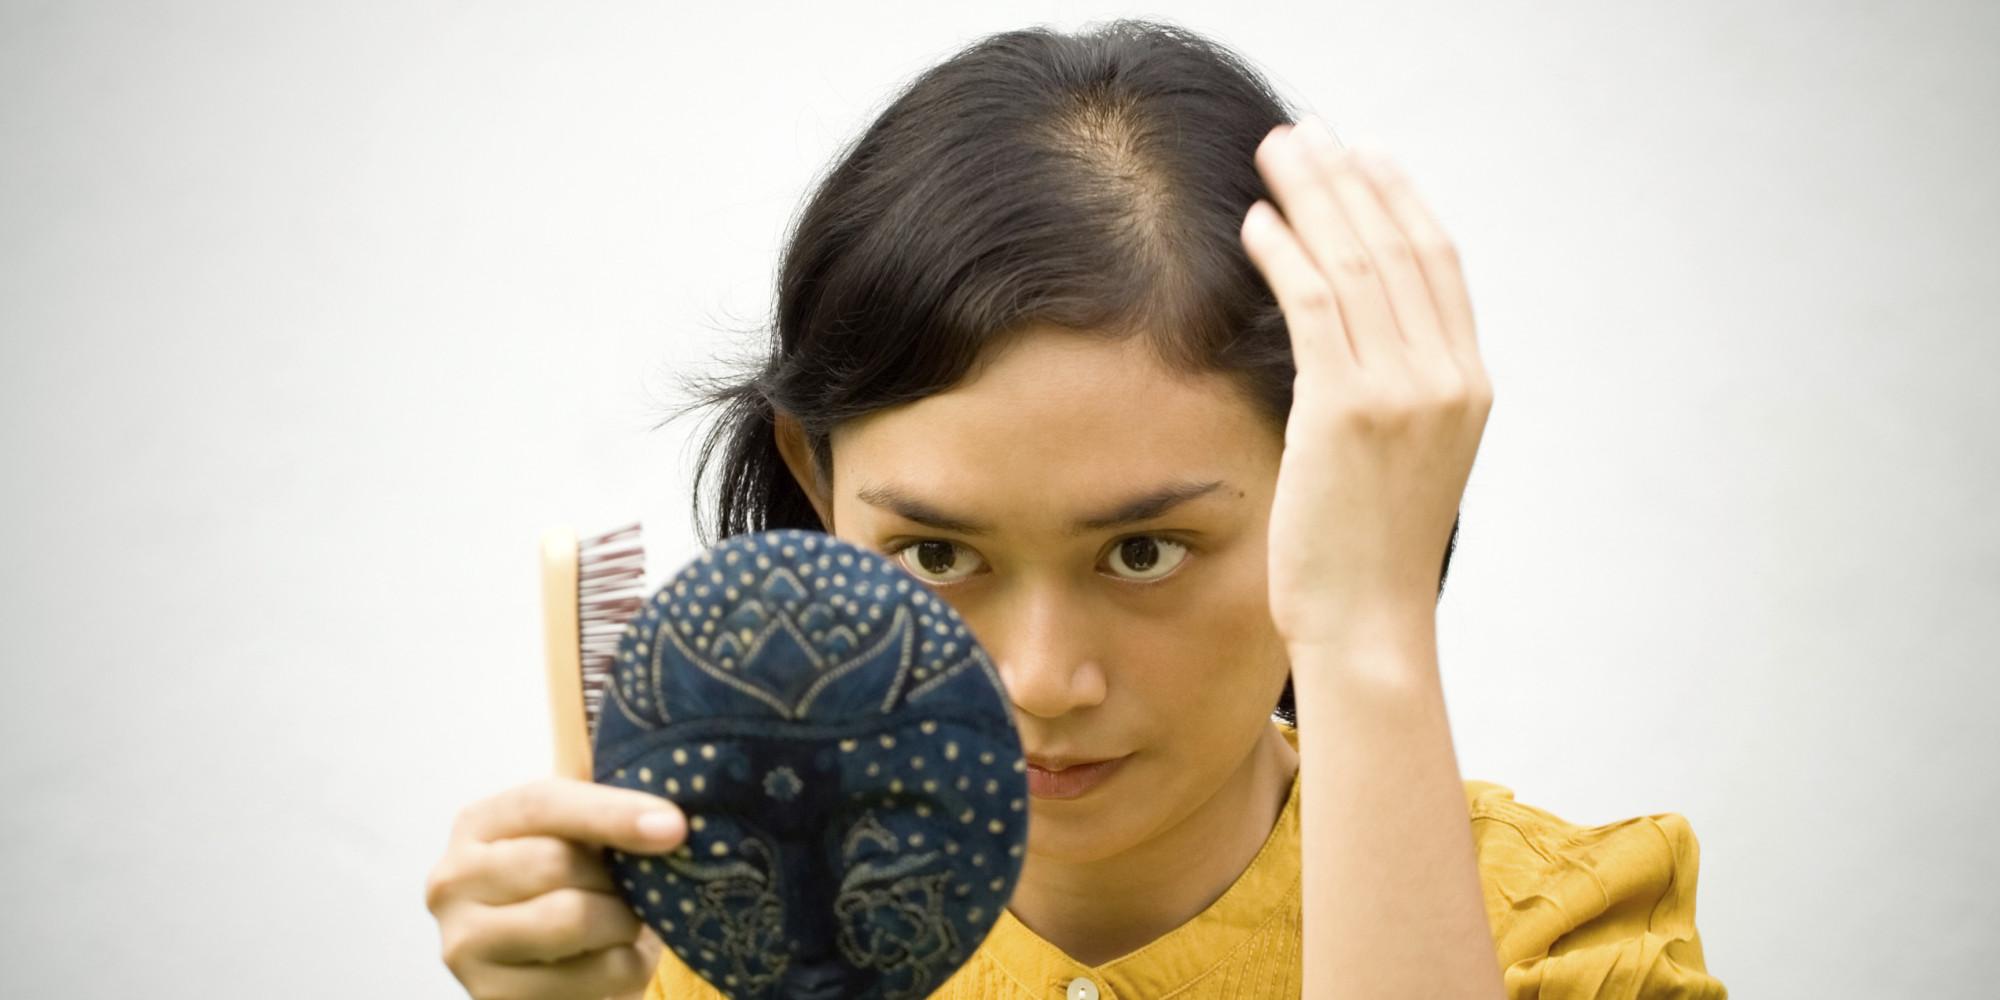 1-درمان ریزش موی جلوی سر دربانوان با استفاده از خوراکیهای طبیعی+ تصاویر2-درمان ریزش موی هورمونی دربانوان با استفاده از خوراکیهای طبیعی+ تصاویر